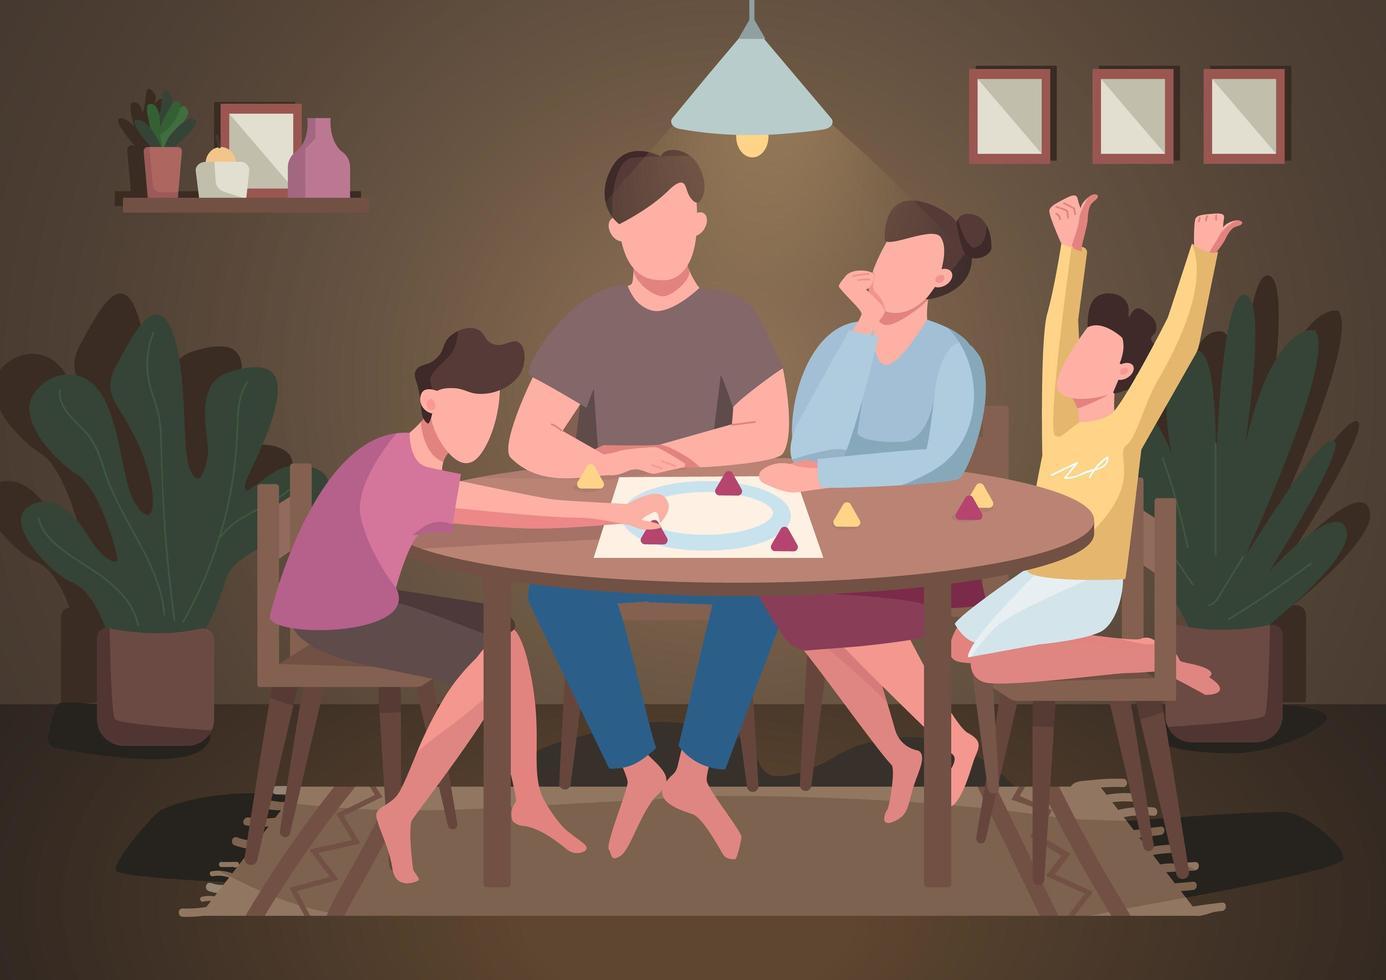 famiglia gioca gioco da tavolo vettore